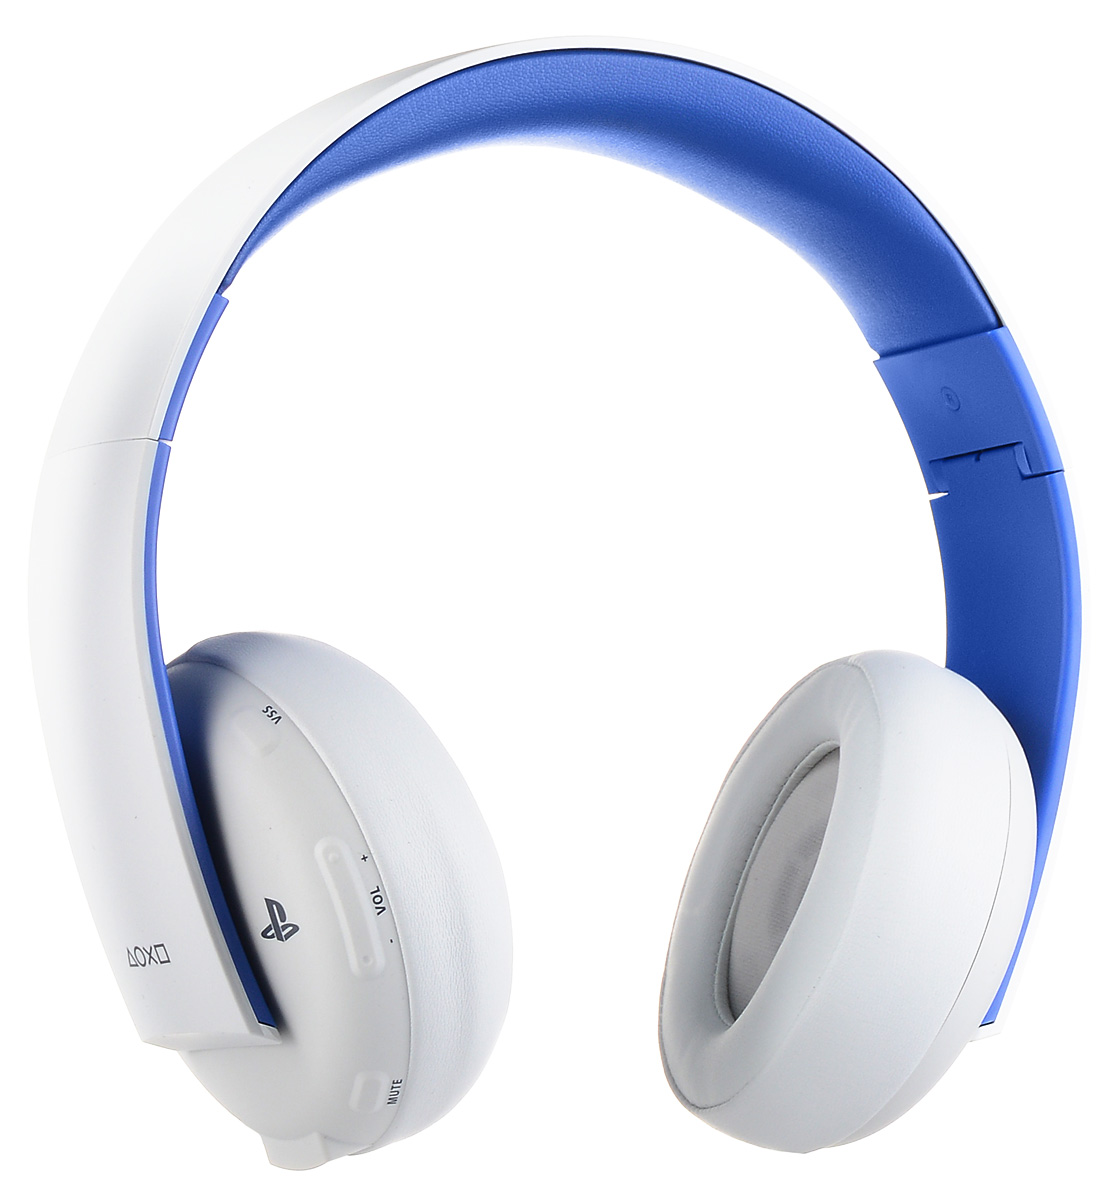 Sony PlayStation Беспроводная стереогарнитура 2.0 для PS4 / PS3 / PS Vita, WhiteCECHYA-0083Наслаждайтесь насыщенным динамичным звуком дома, используя беспроводную гарнитуру с PlayStation 3 или PlayStation 4, или в дороге, подключив гарнитуру к PlayStation Vita или другому мобильному устройству. Общайтесь с друзьями и отдавайте приказы своей команде, используя высококачественный встроенный микрофон с системой шумоподавления.Обнаруживайте врагов по звуку и наслаждайтесь мощью взрывов с великолепной системой виртуального объемного звучания 7.1 (только на PS3 и PS4). Используйте предустановленные режимы прослушивания для игр, кино и музыки, а также дополнительные режимы, доступные во вспомогательном приложении для гарнитуры для PS3 и PS4 (приложение можно загрузить из PlayStation Store).Использовать гарнитуру в дороге очень удобно - благодаря складной конструкции и восьми часам работы от аккумулятора. Удобный интерфейс позволяет видеть все важные параметры - например, уровень громкости микрофона, - на экране телевизора. Внимание! Требуется системное программное обеспечение для PS4 версии 1.60 или выше / системное ПО для PS3 версии 4.20 или выше.